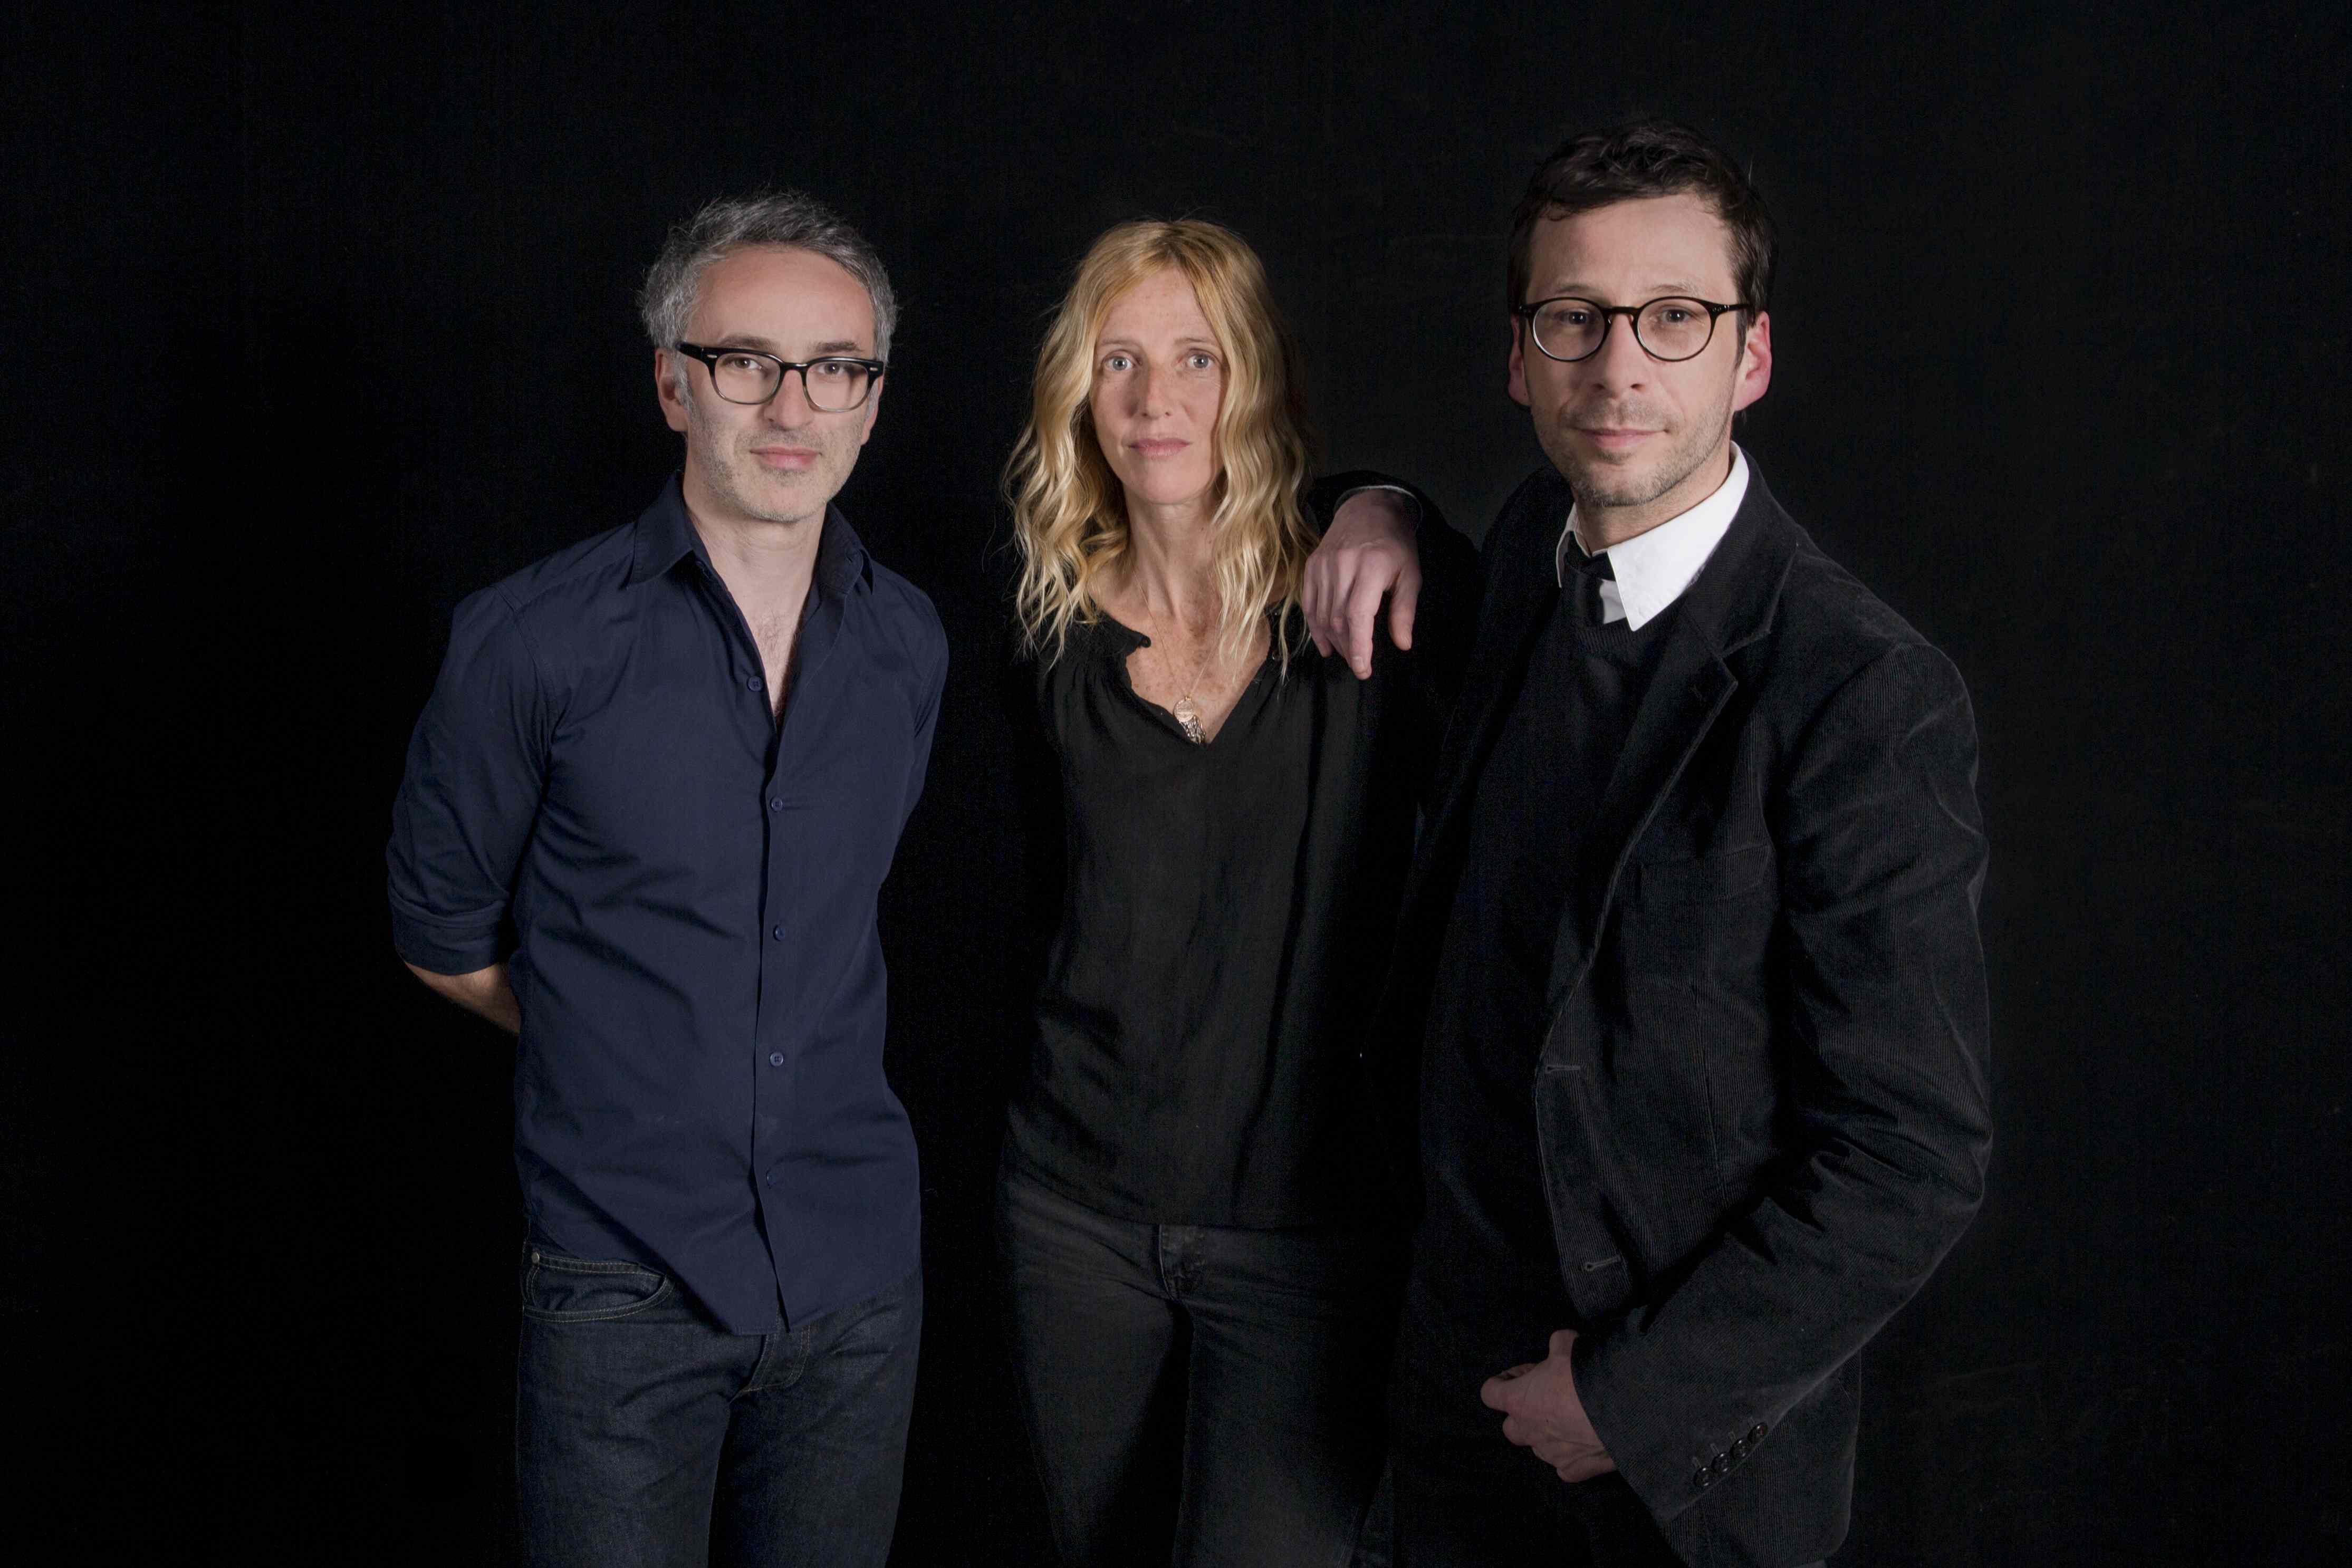 Vincent Delerm, Sandrine Kiberlain et Alex Beaupain © Eric Frotier de Bagneux - Capa Pictures